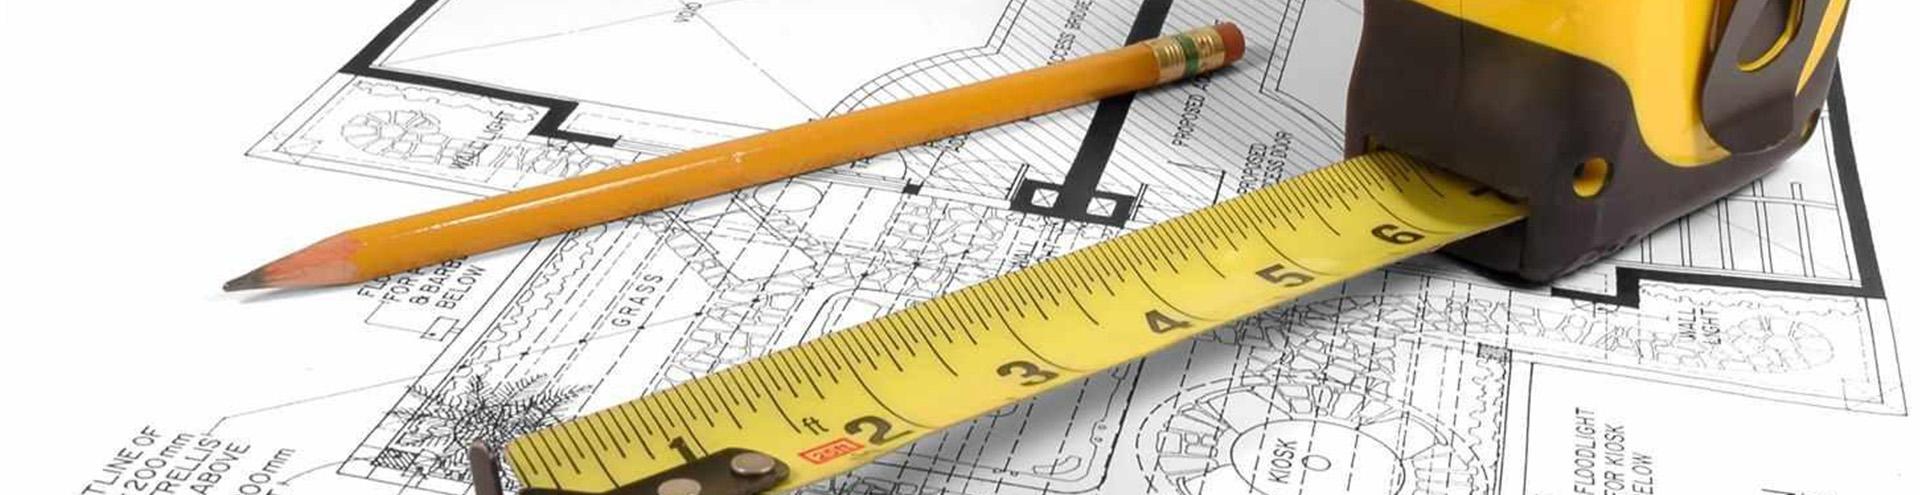 Поможем исправить кадастровую ошибку в Самаре и Самарской области